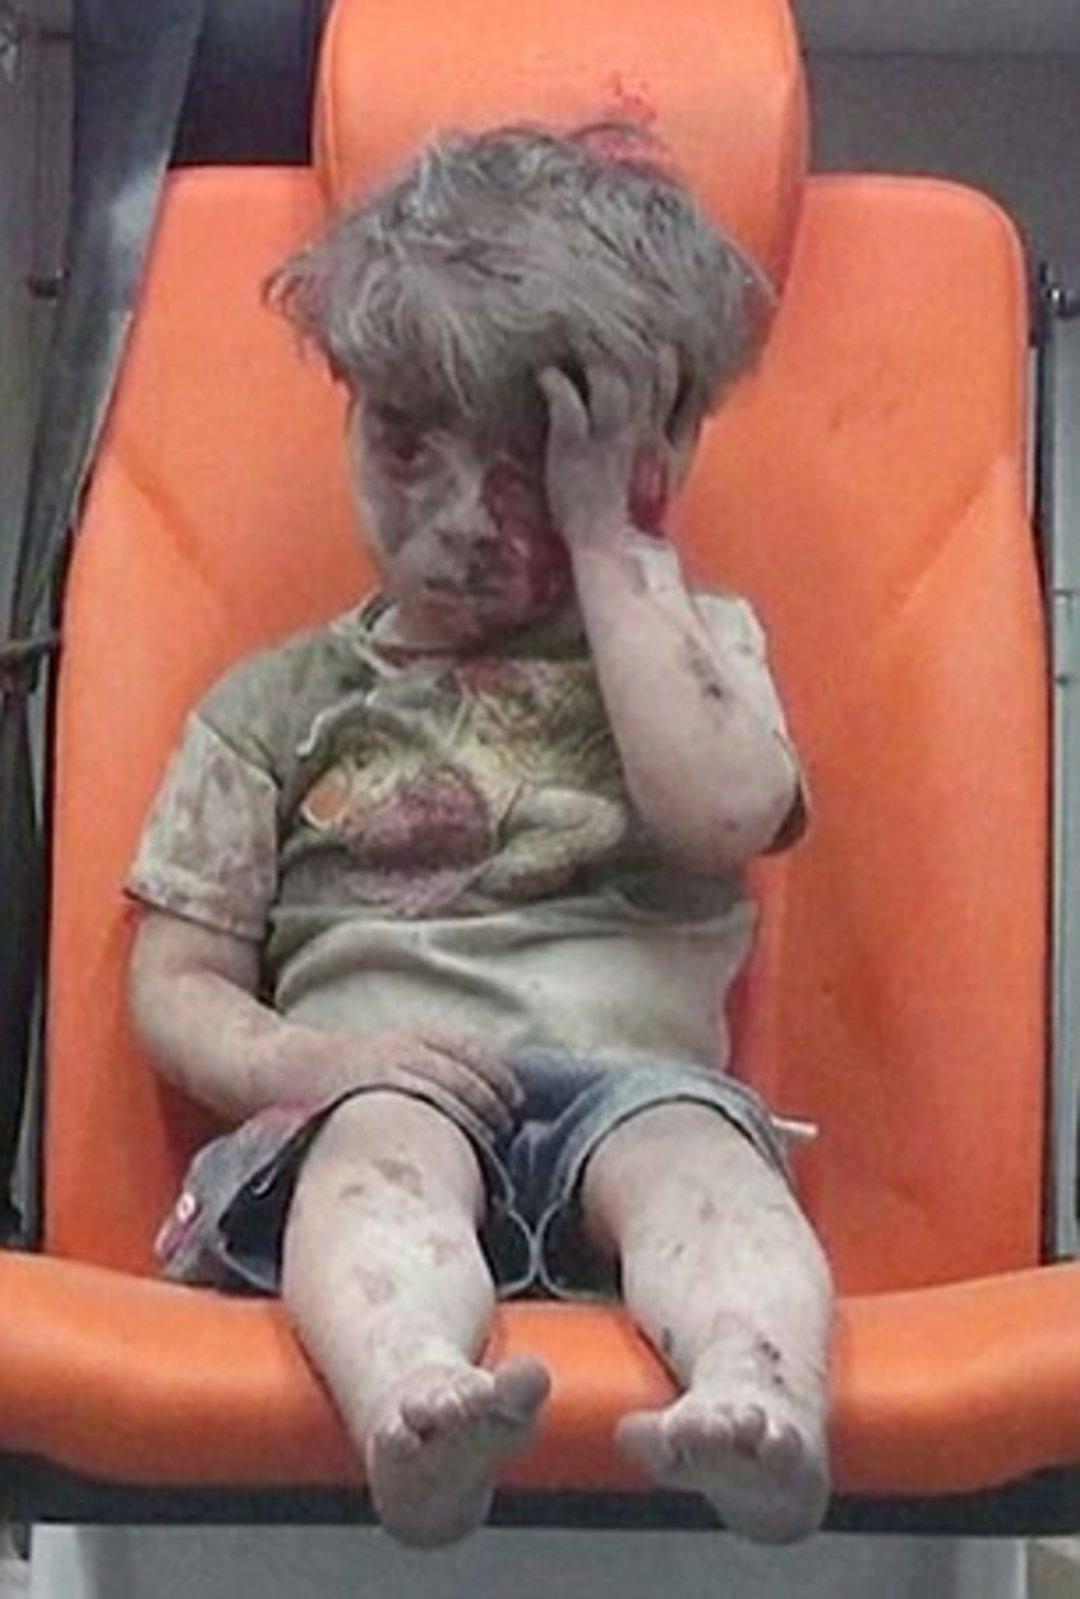 「这世界」他今年 5 岁,经历空袭、满脸是血、不会哭泣_文化_好奇心日报